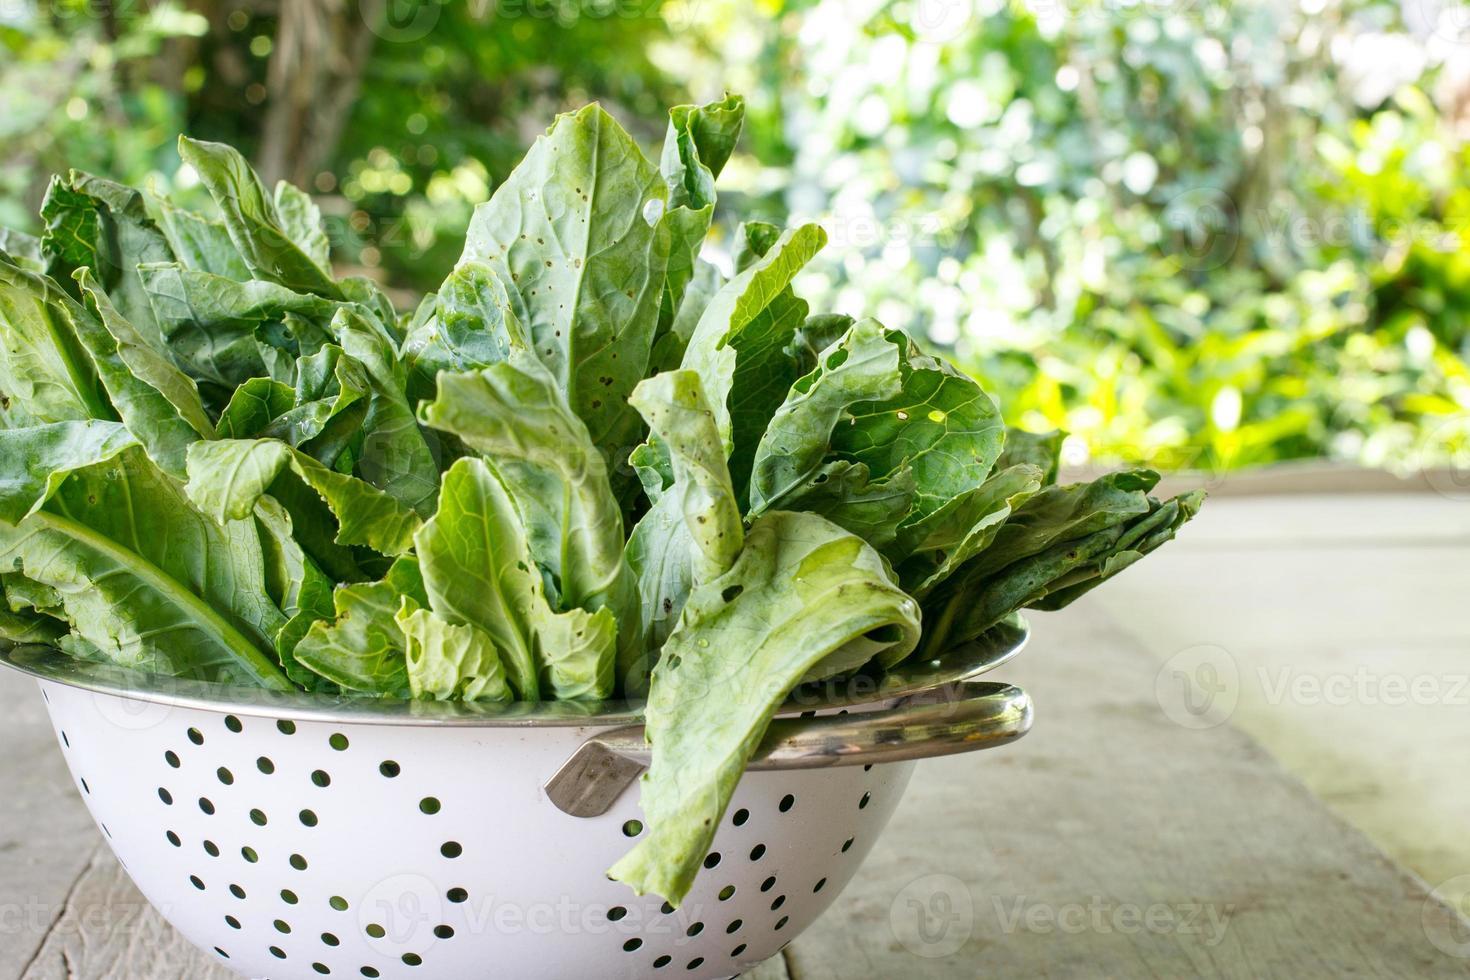 boerenkoolgroente (Chinese broccoli) foto